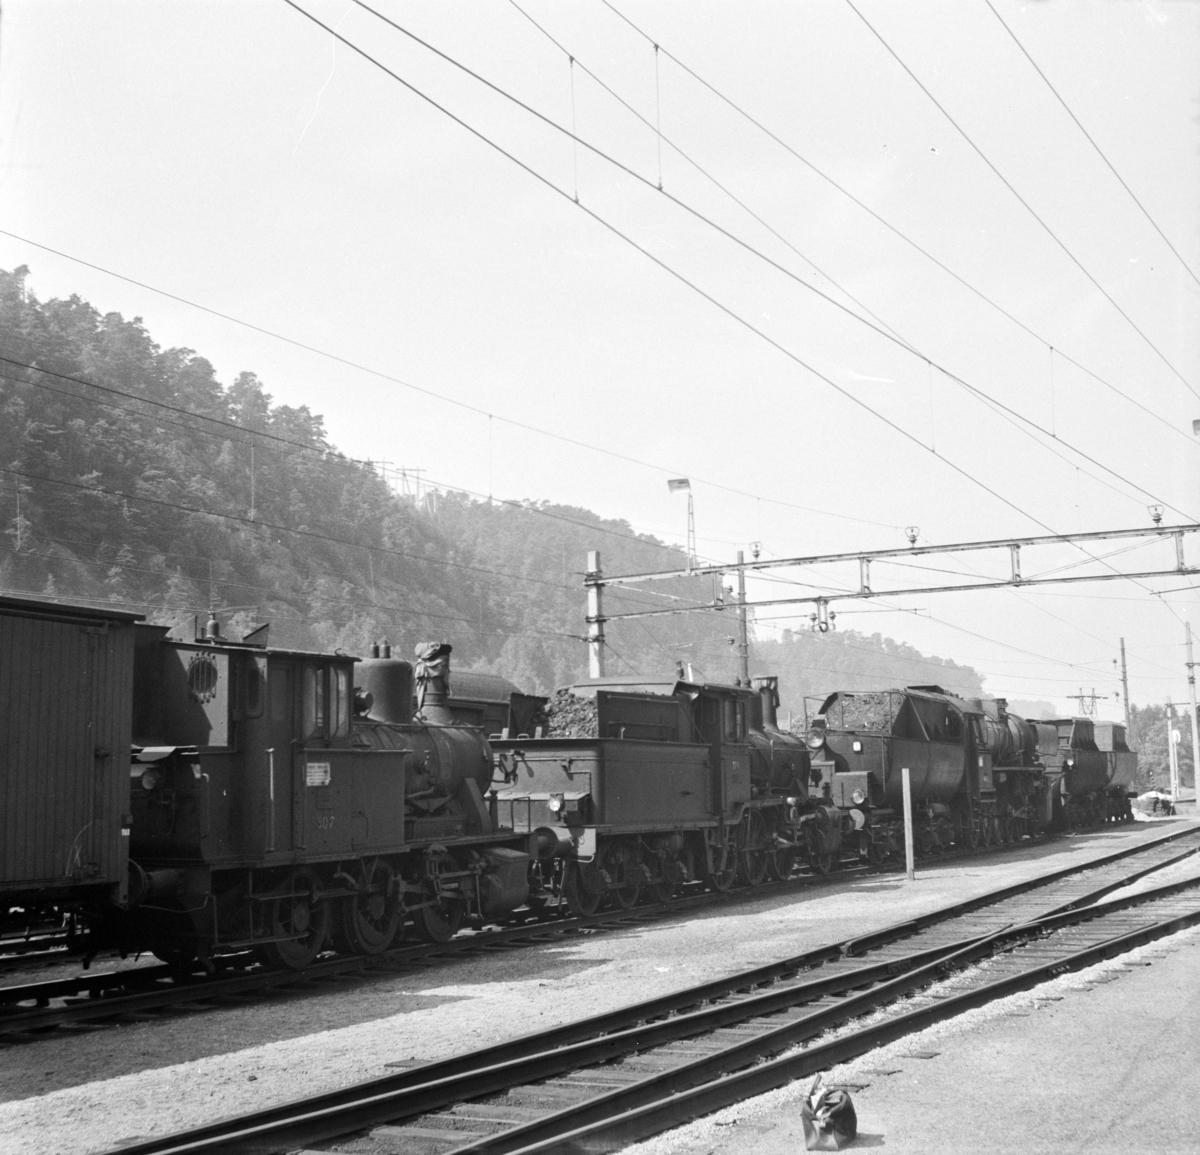 Hensatte damplokomotiver på Krossen ved Kristiansand. Nærmest type 25a nr. 307 (hensatt i 1965, utrangert i 1969), deretter 21c 376 (utrangert i 1971) og bakerst 63a 4836 (utrangert i 1970). Lok 376 var det siste damplok som var i drift ved NSB.